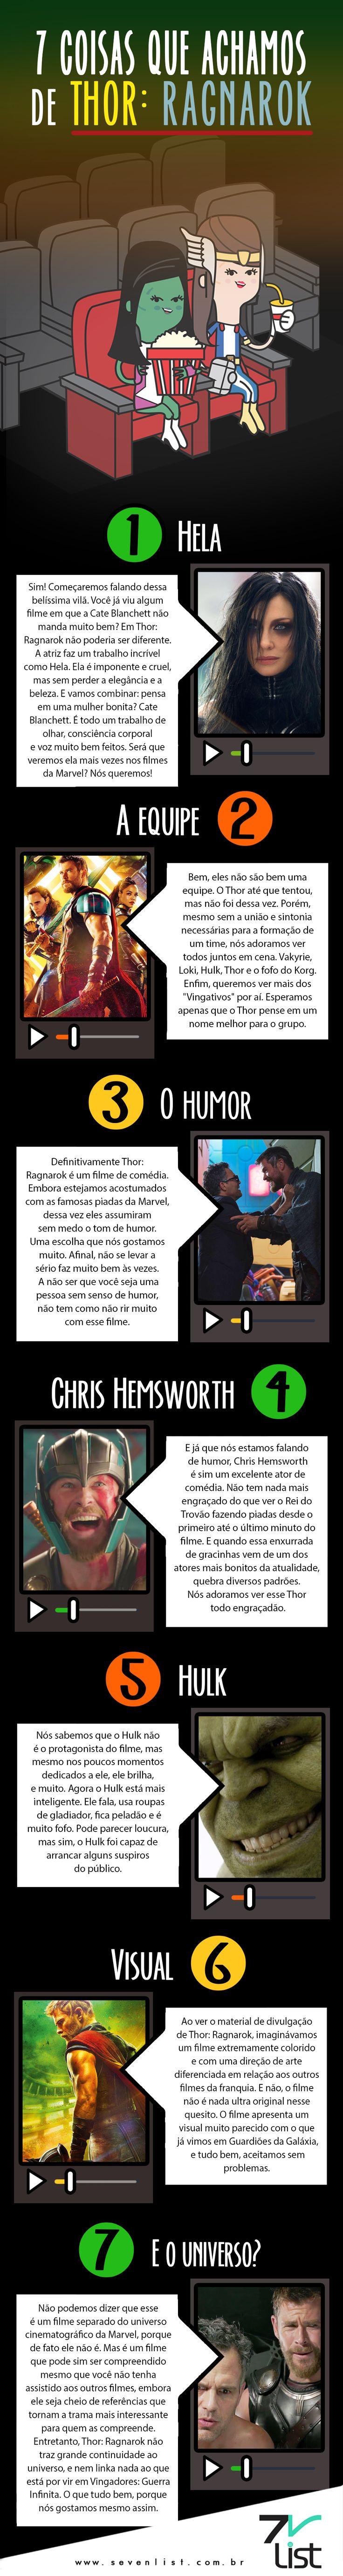 Hoje estreia um dos filmes mais esperados do ano para os nerds de plantão. Nós já assistimos e preparamos um post especial. Confira 7 coisas que achamos de Thor: Ragnarok. #SevenList #Infográfico #Infographic #Lista #List #Ilustração #Illustration #Design  #Thor #ThorRagnarok #Marvel #Superheroes #Superheróis #Filme #Cinema #Estreia #Quadrinhos #Hulk #Disney #Resenhafilme #Novidade